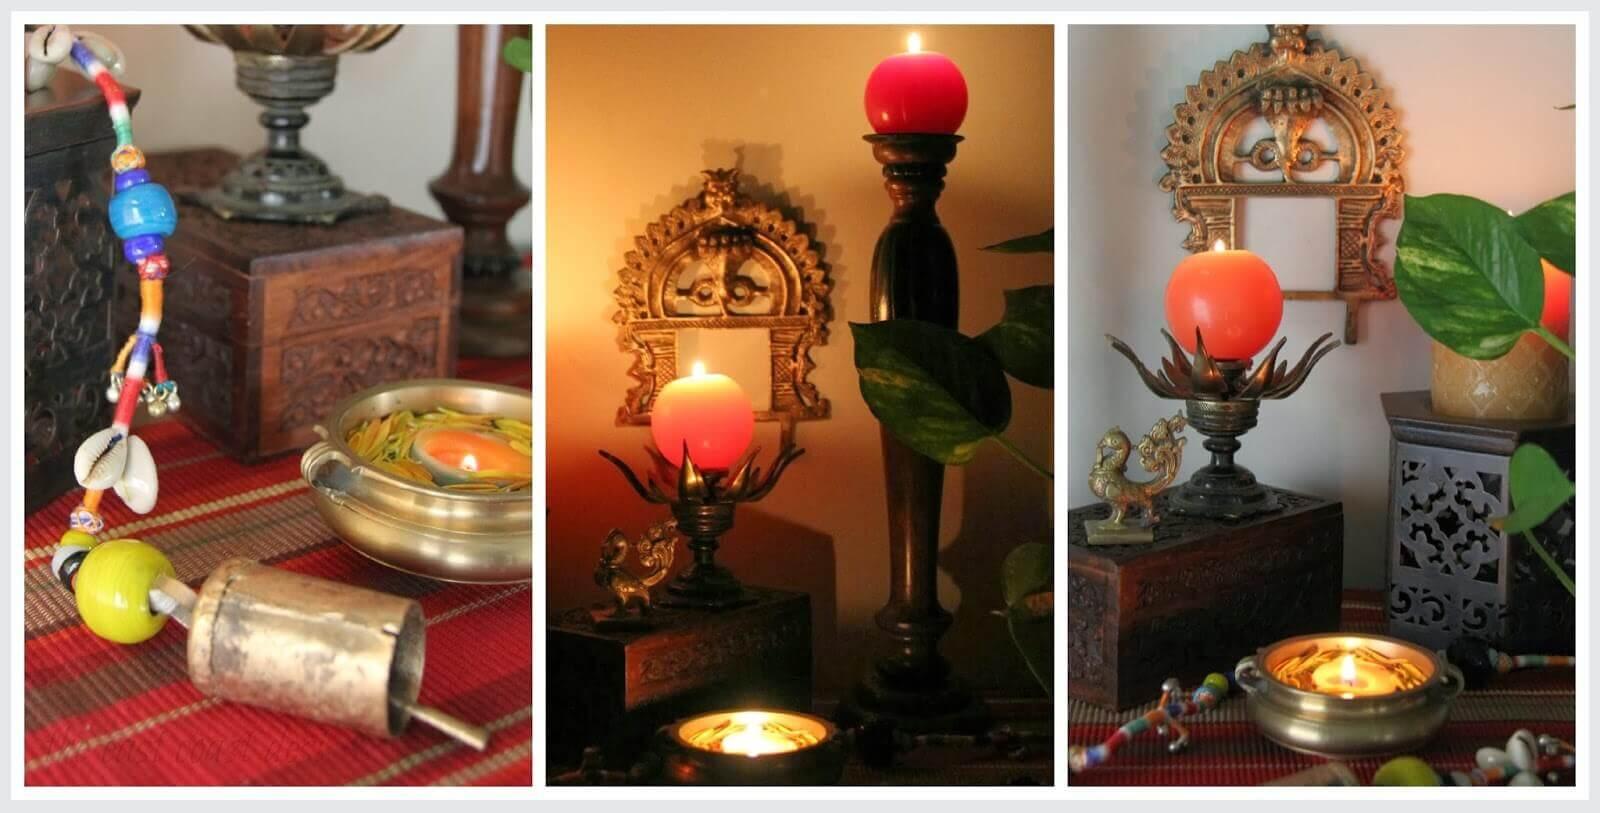 decoartion for diwali u2013 amazing diwali decoration ideas interior